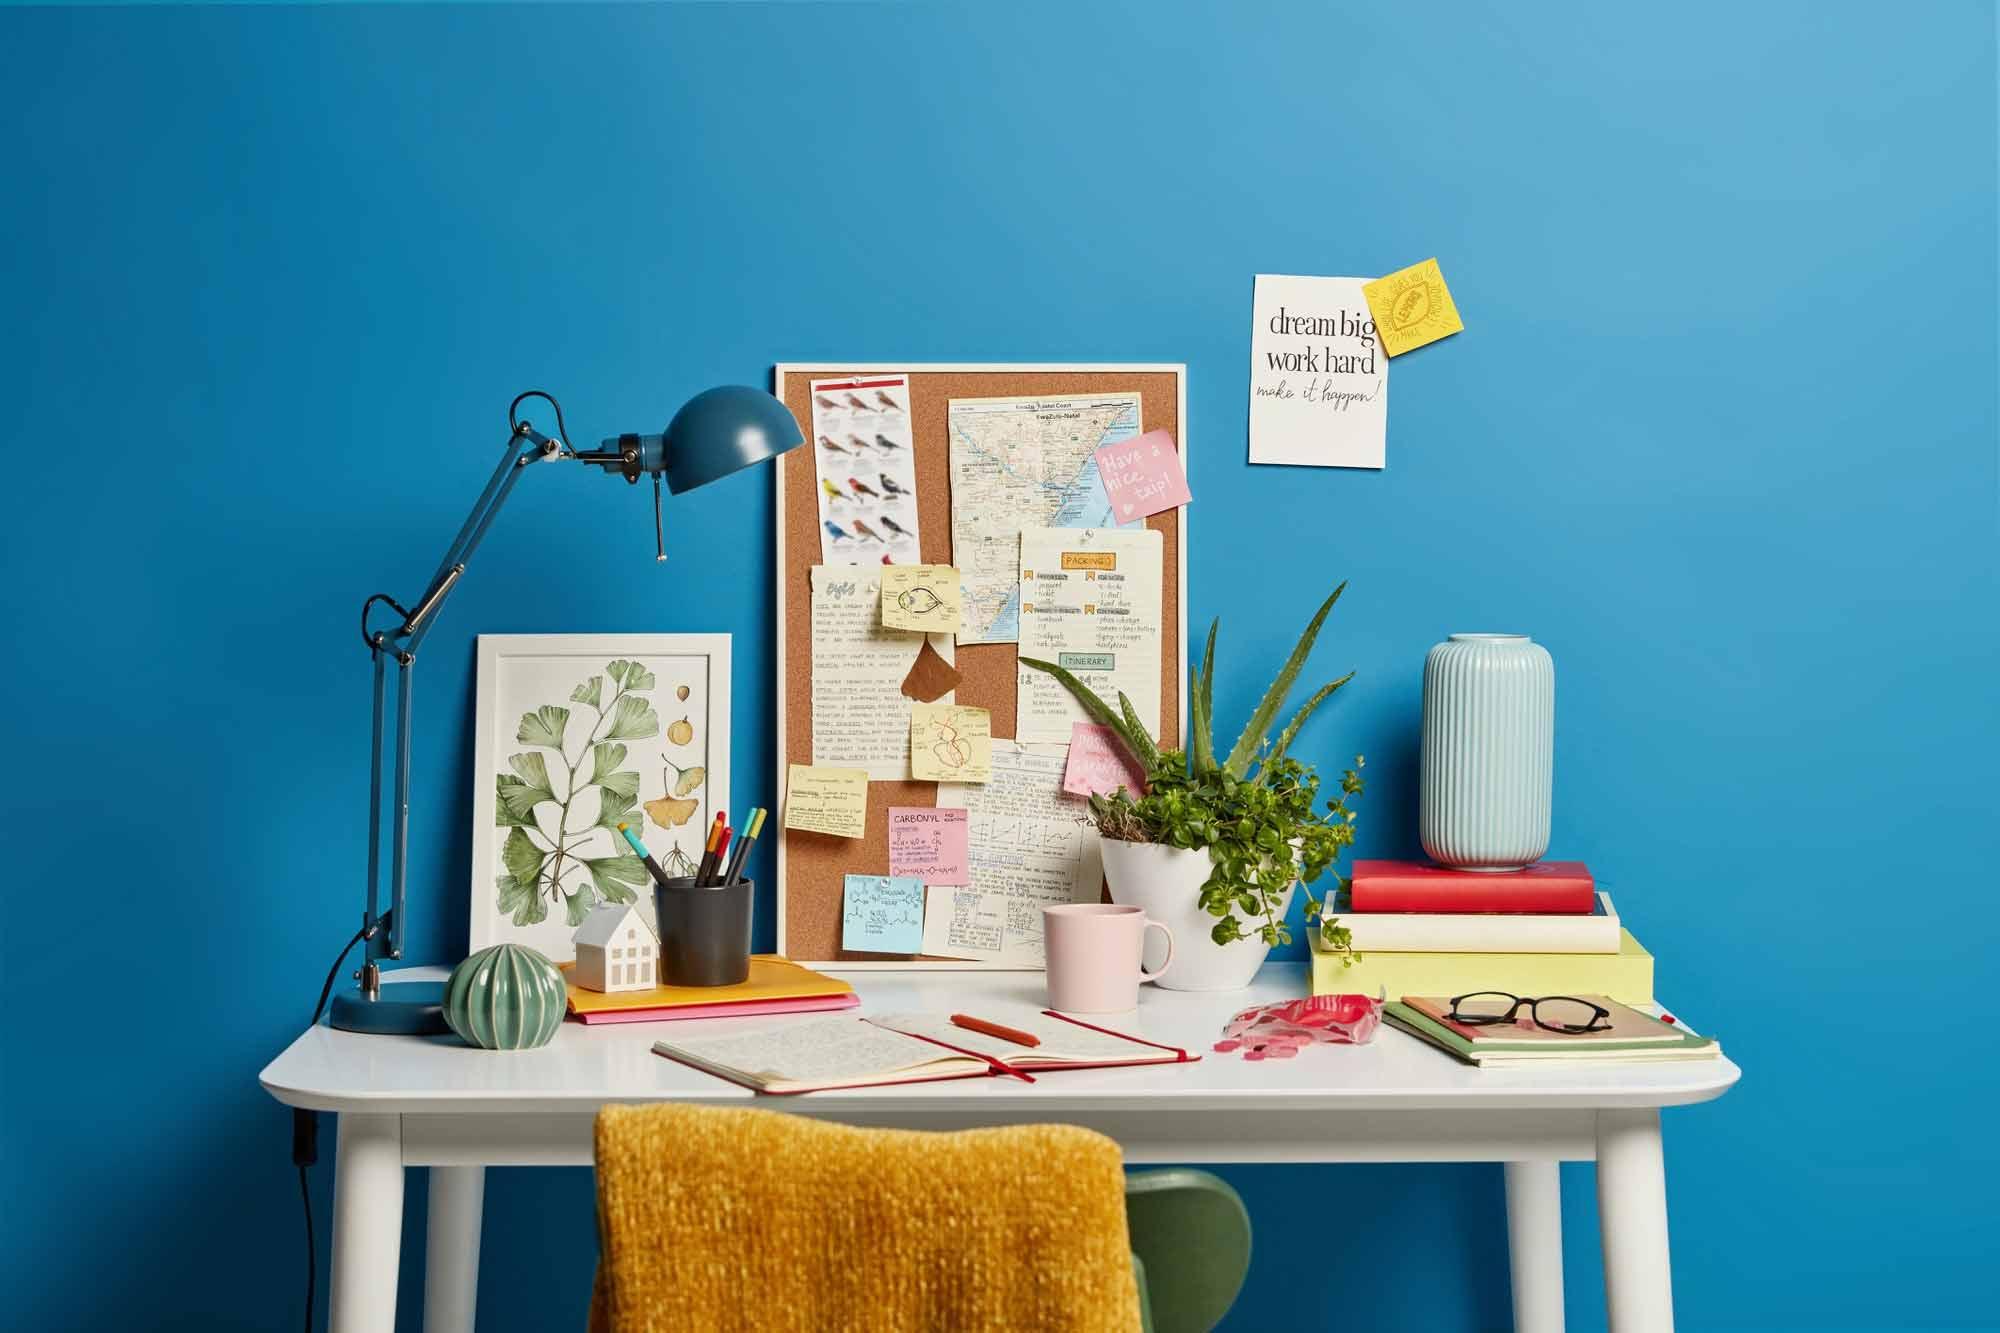 Inspirasi Desain Meja Komputer di Rumah untuk Work From Home Super Produktif   Foto artikel Arsitag